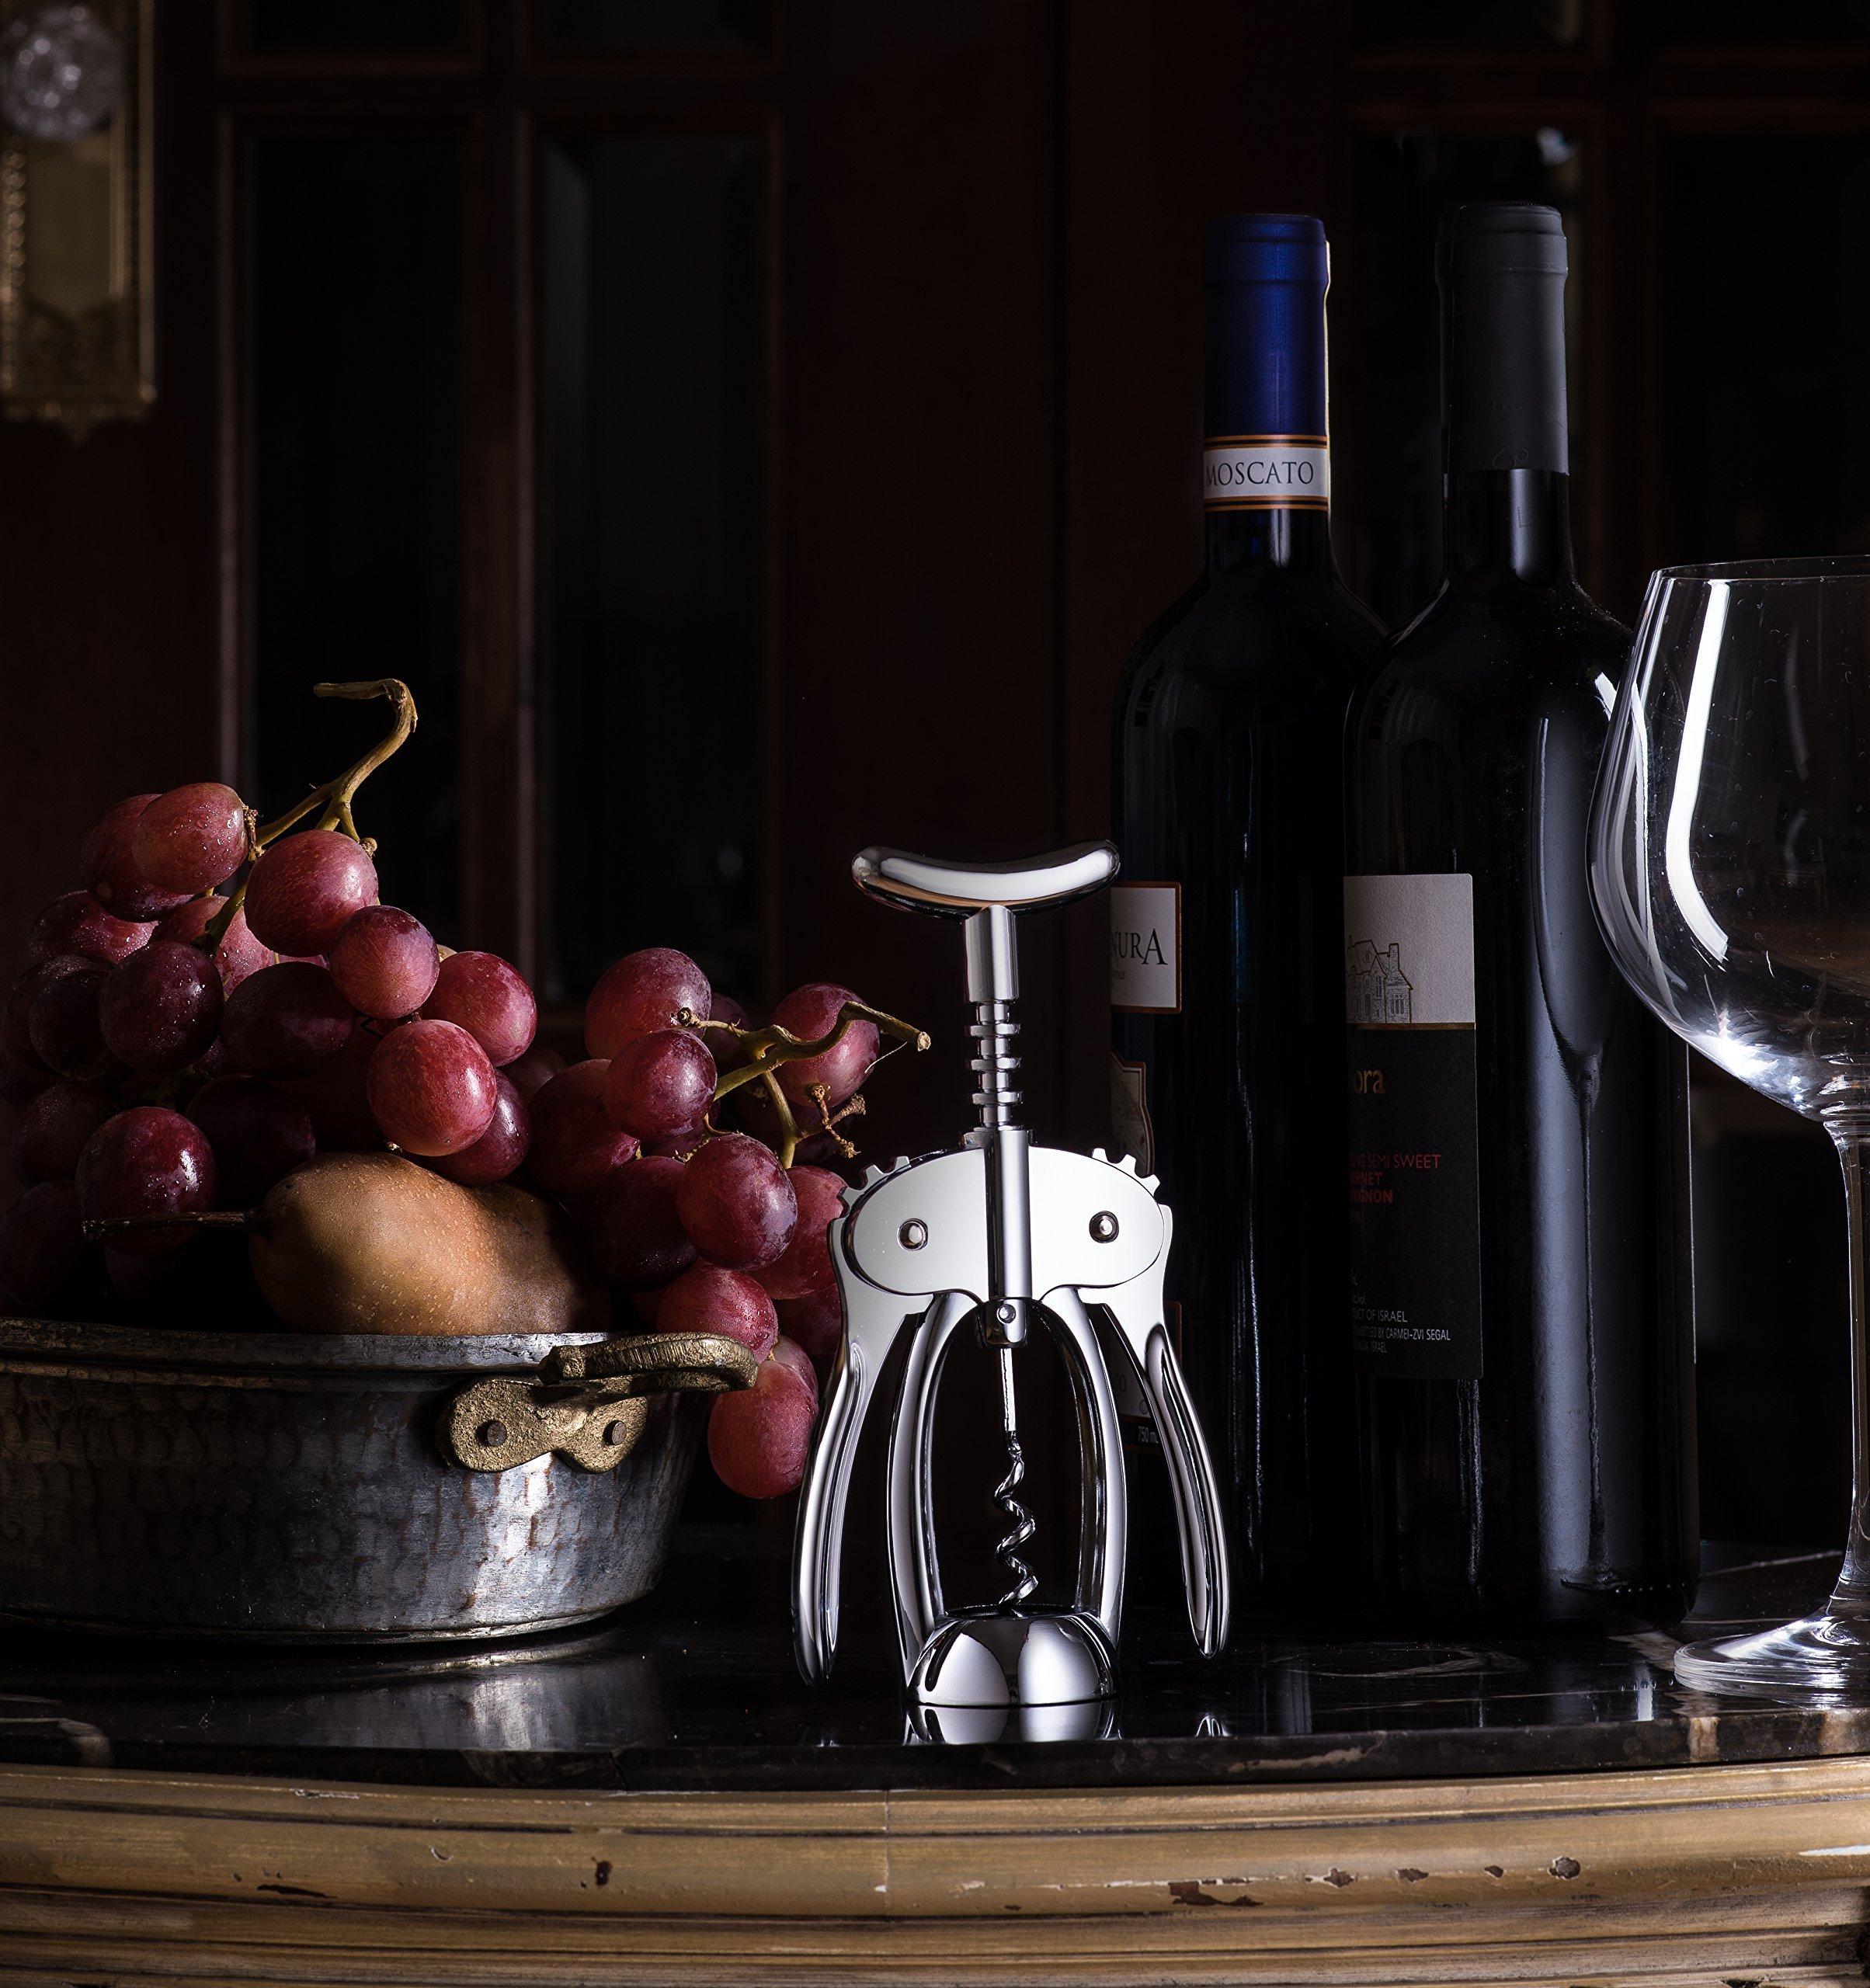 Bellemain Premium Wing Corkscrew Wine Opener Heavy-duty nonstick by Bellemain (Image #2)